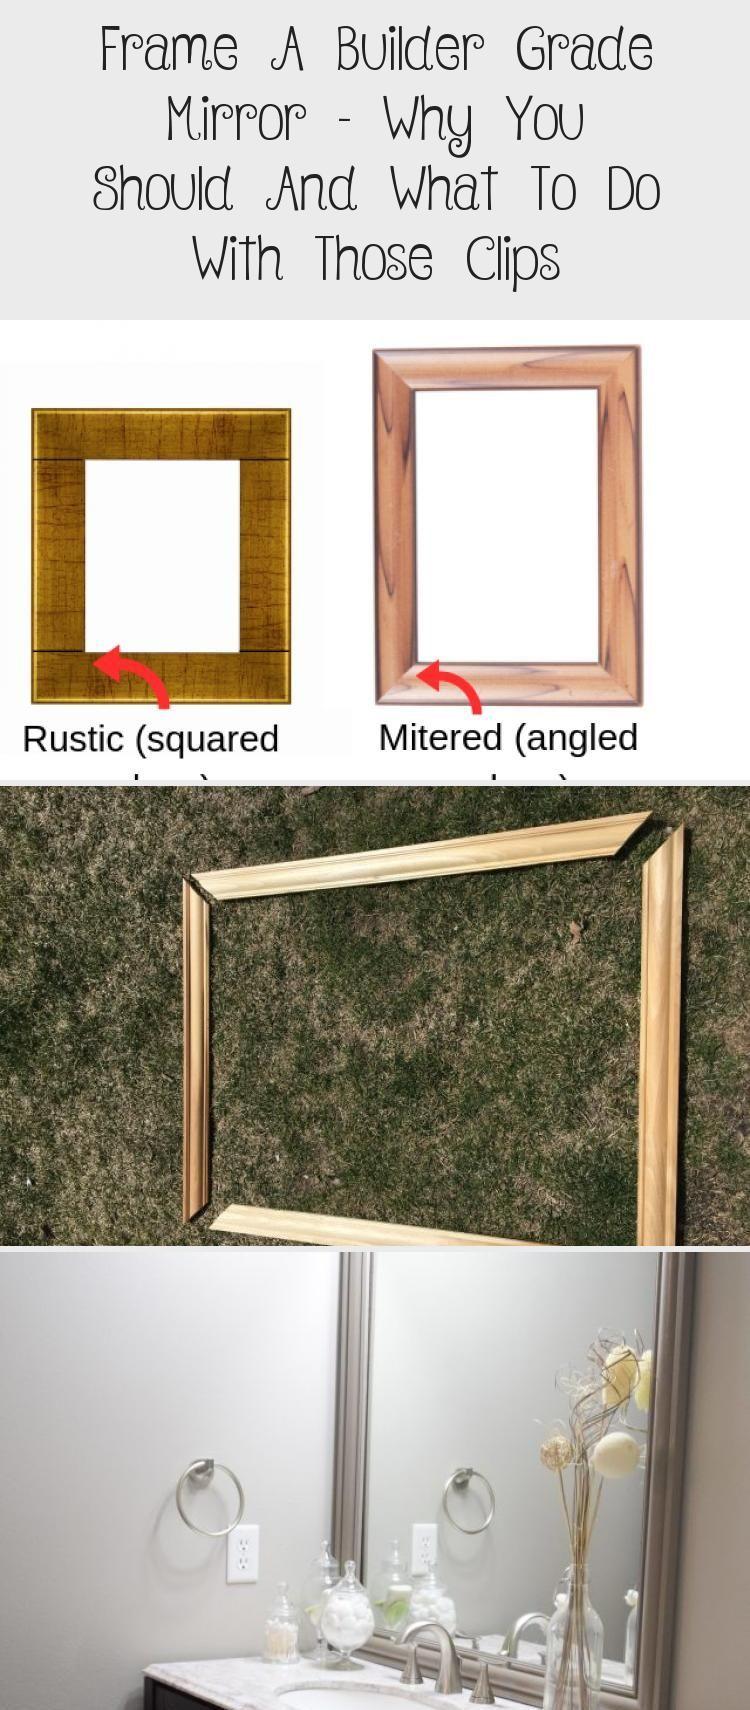 Framing Your Builder Grade Bathroom Mirror Makes Your Whole Bathroom Look Better Bathro Builder Grade Bathroom Mirror Frame Frame